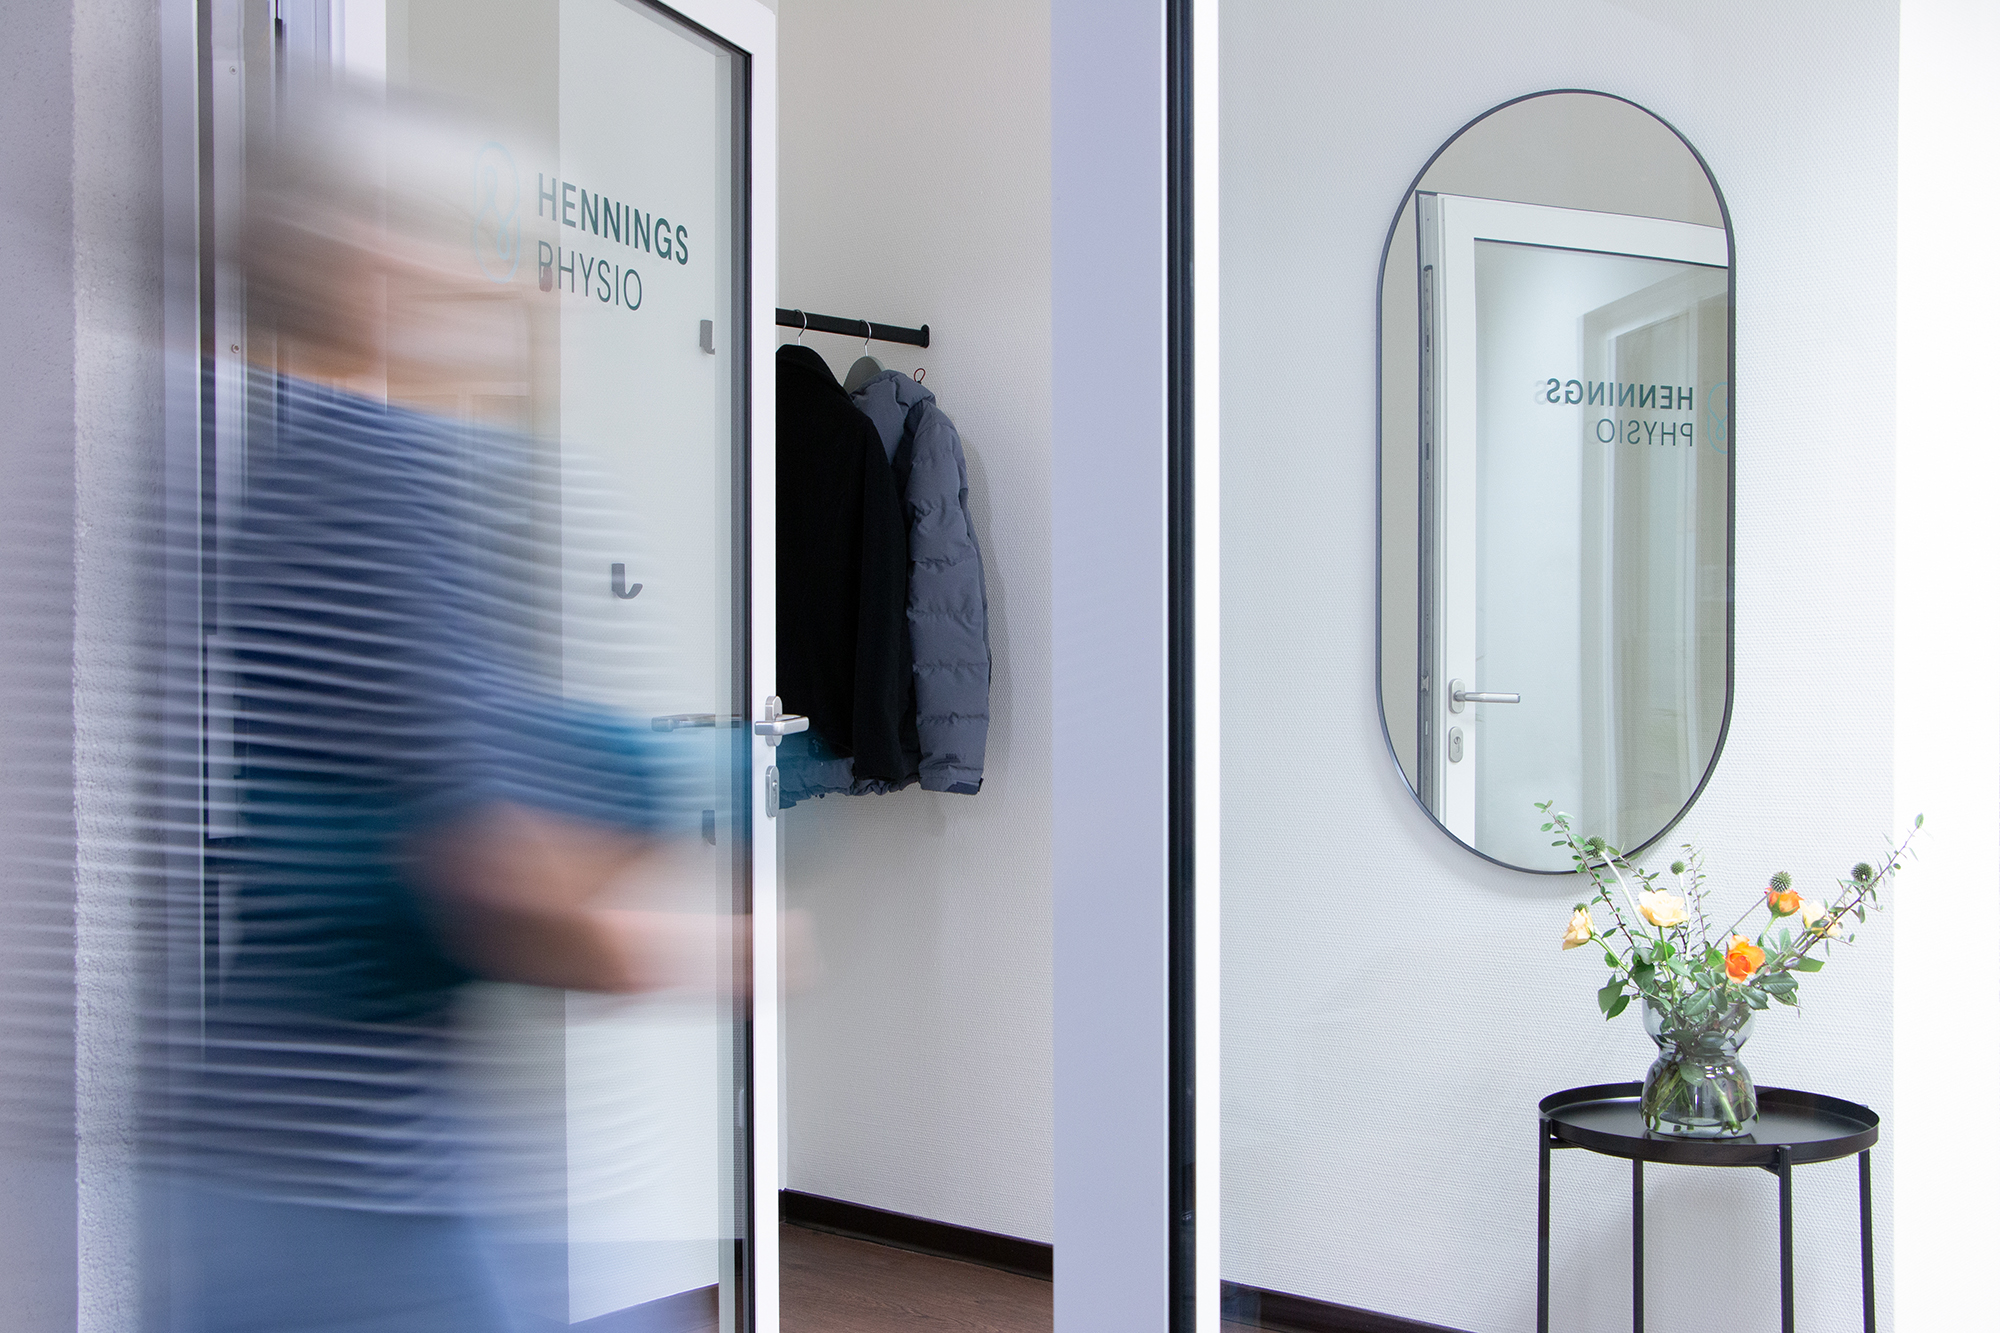 Hennings-Physio-Garderobe-Studio-Fondo